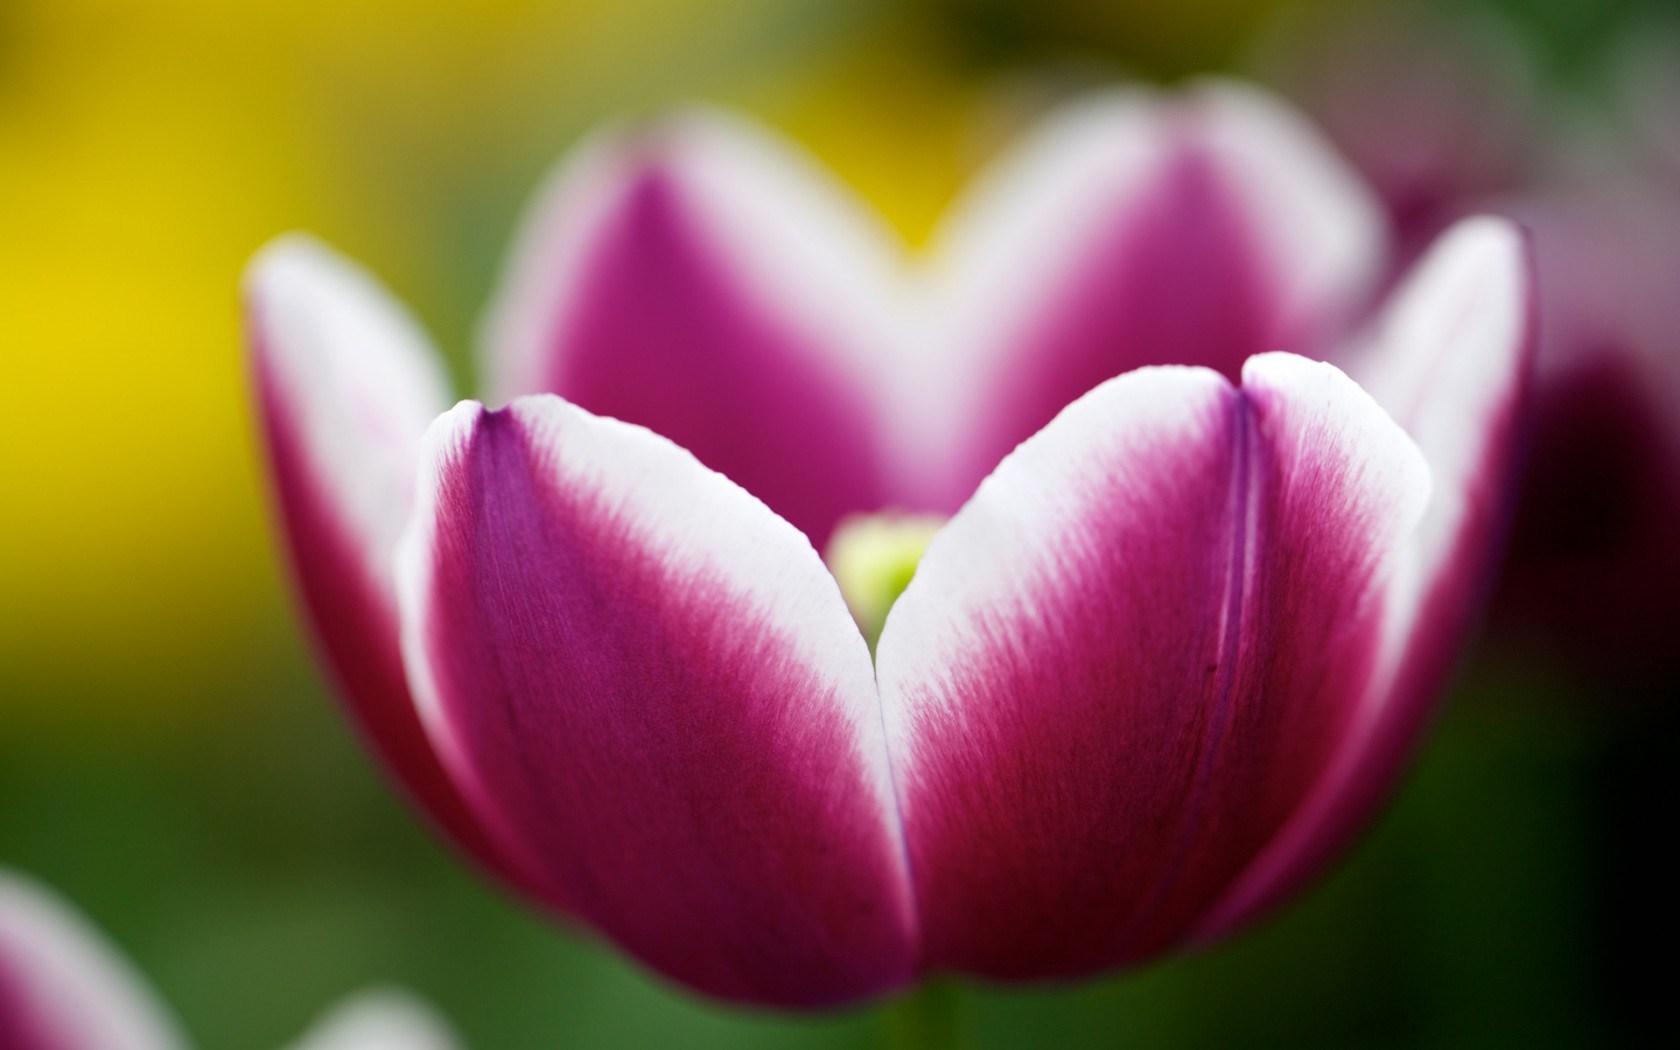 flower tulip macro close up